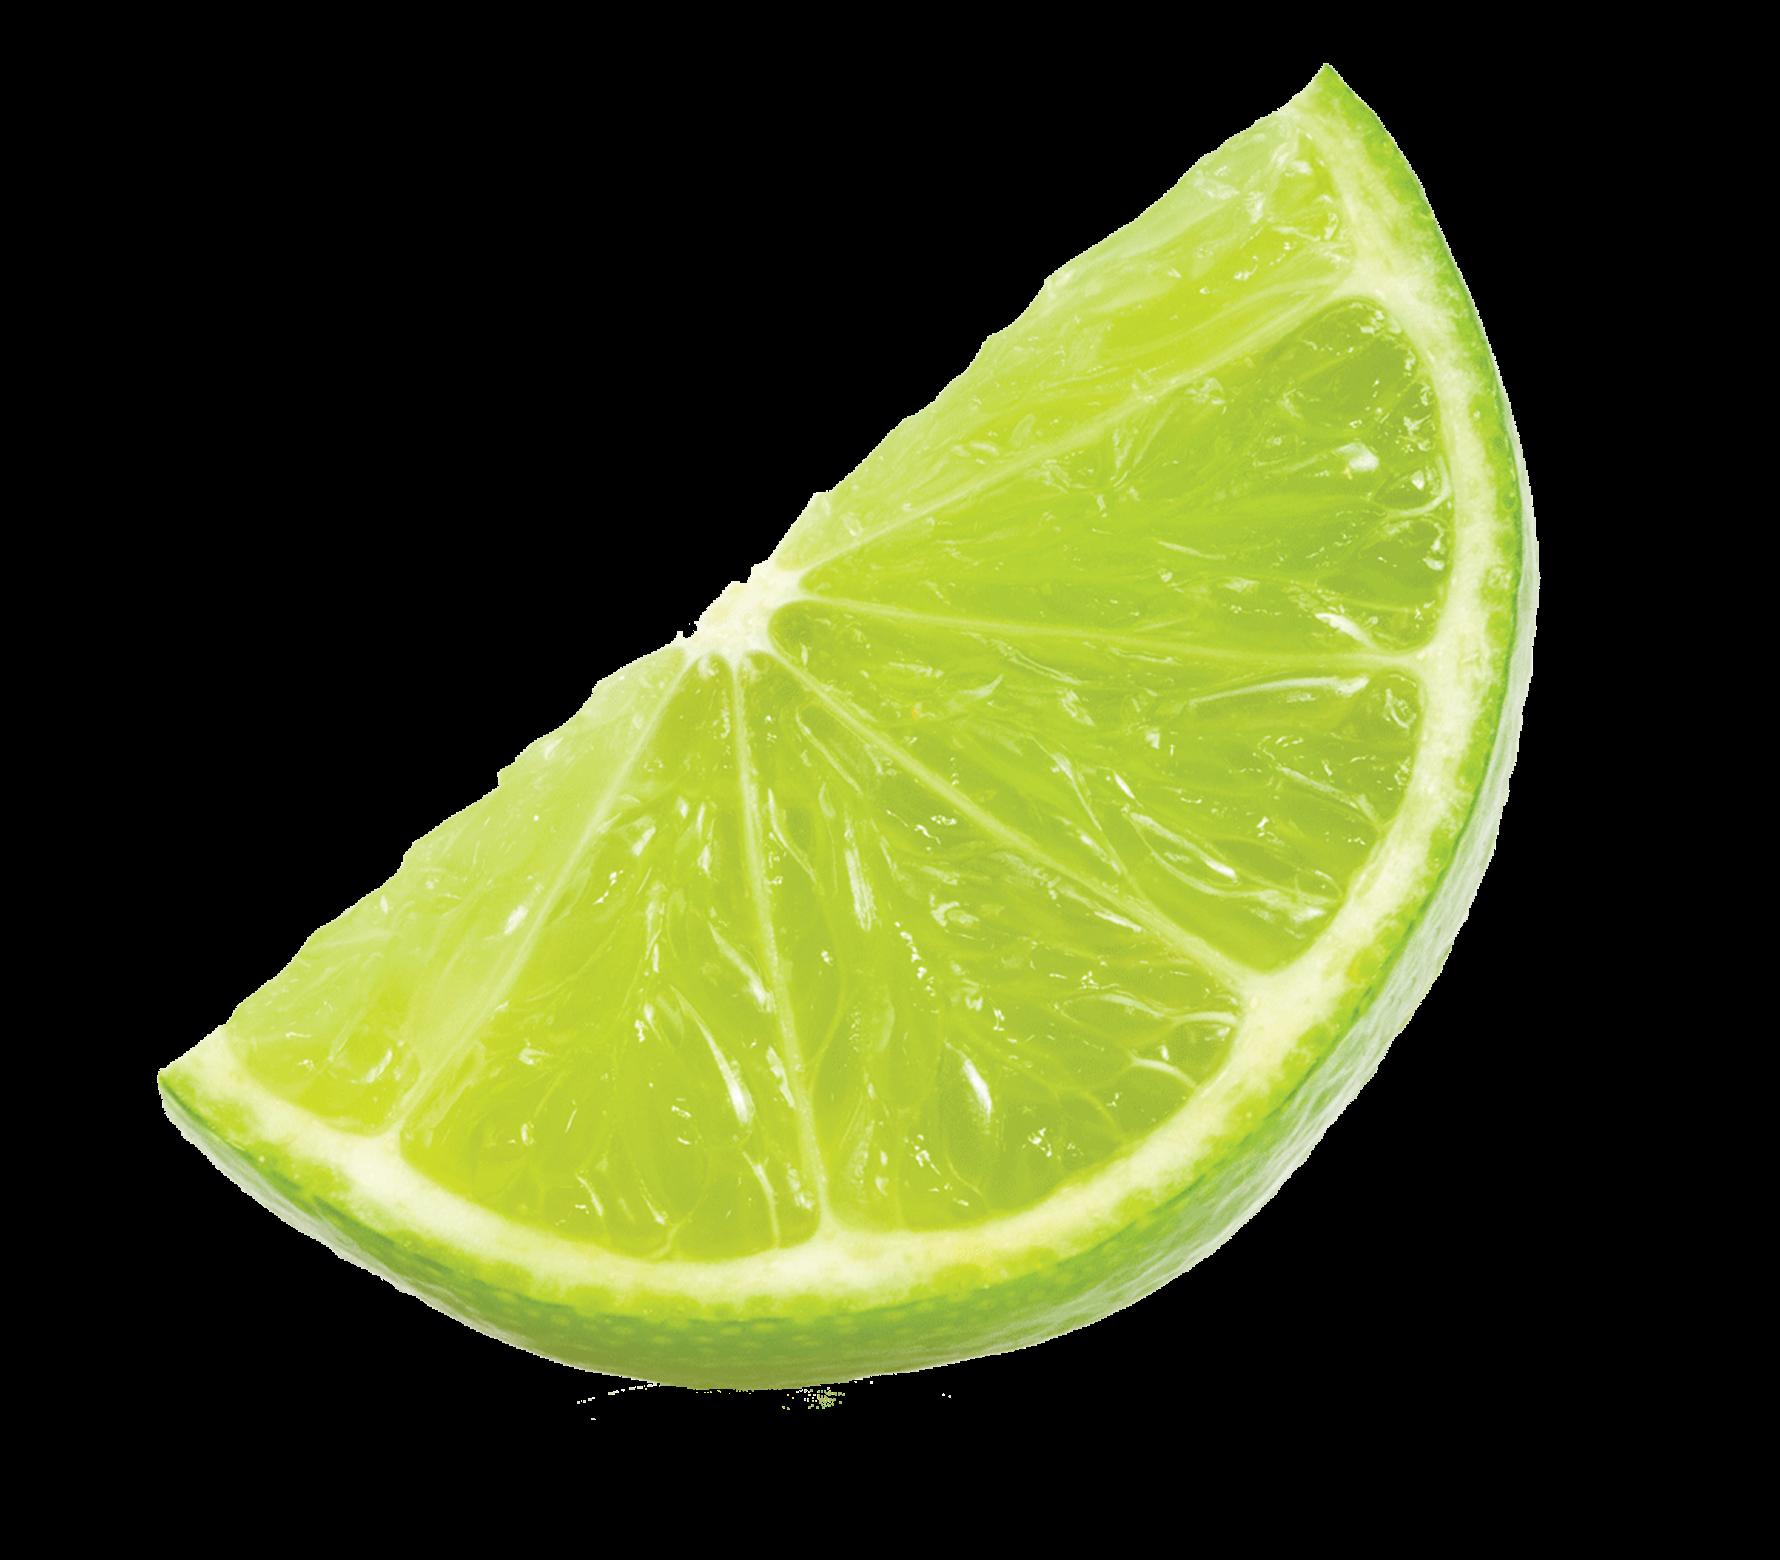 Lemon Slice Png Lemon Transparent Png Image Lemon Clipart Lemon Clipart Lime Clip Art